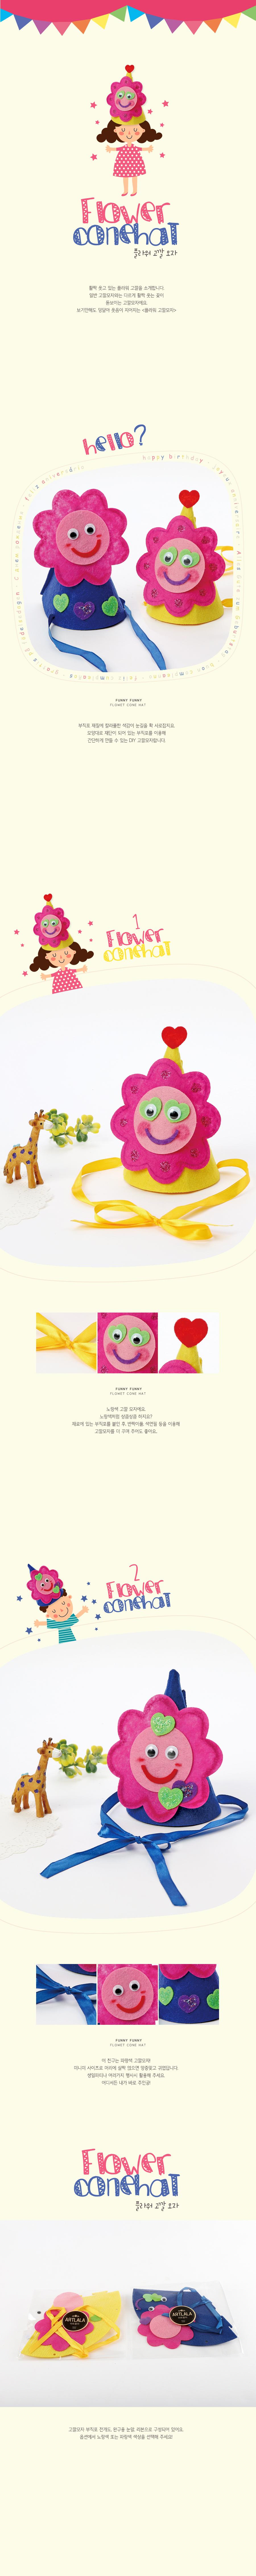 [파티용품]플라워고깔만들기 - 아트랄라, 1,400원, 전통/염색공예, 기타소품 패키지